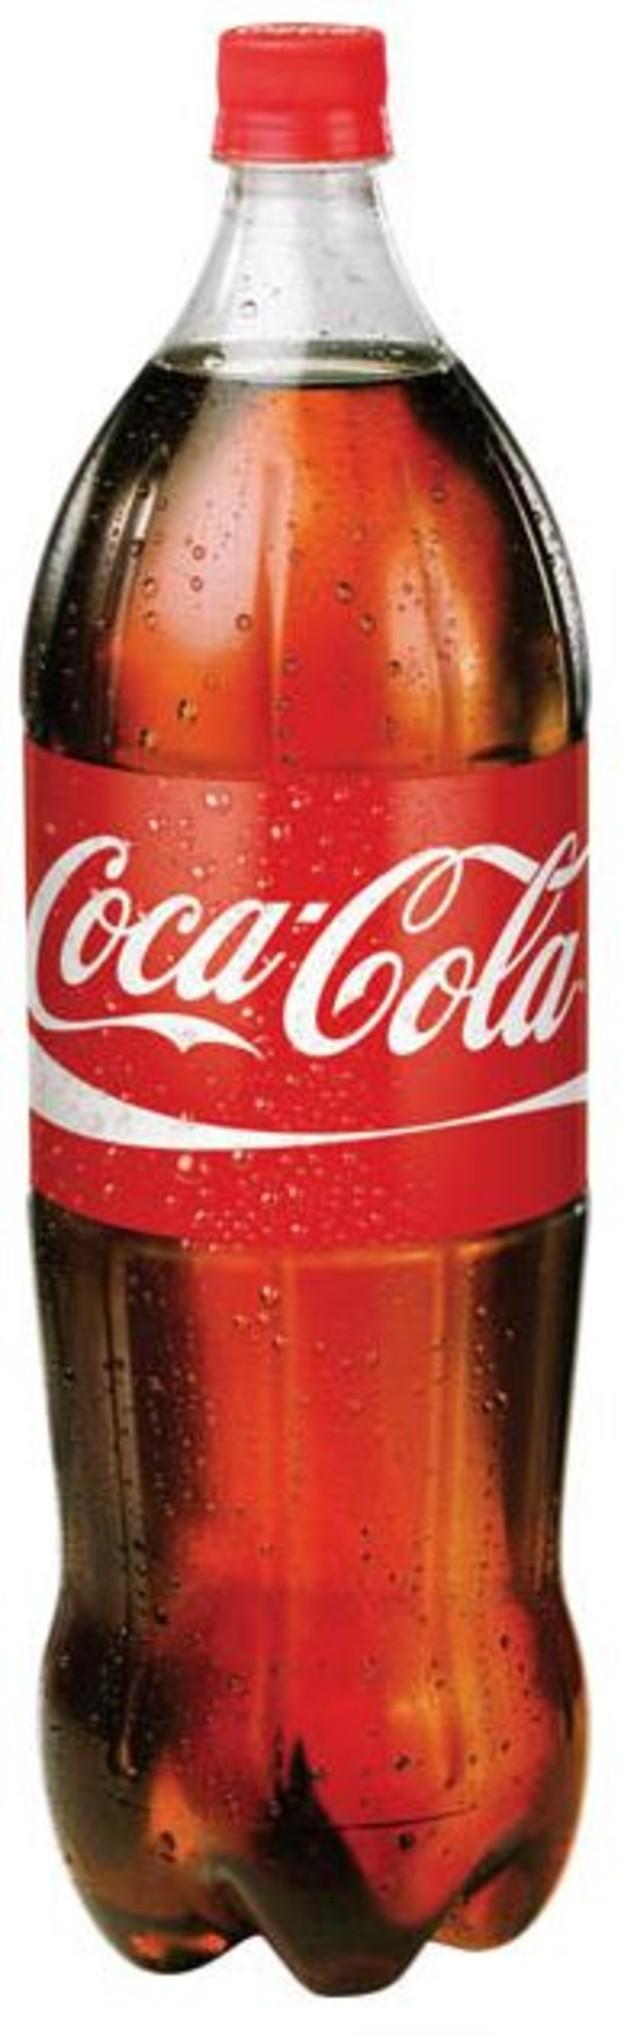 Refrescos. Amplia variedad de bebidas gaseosas